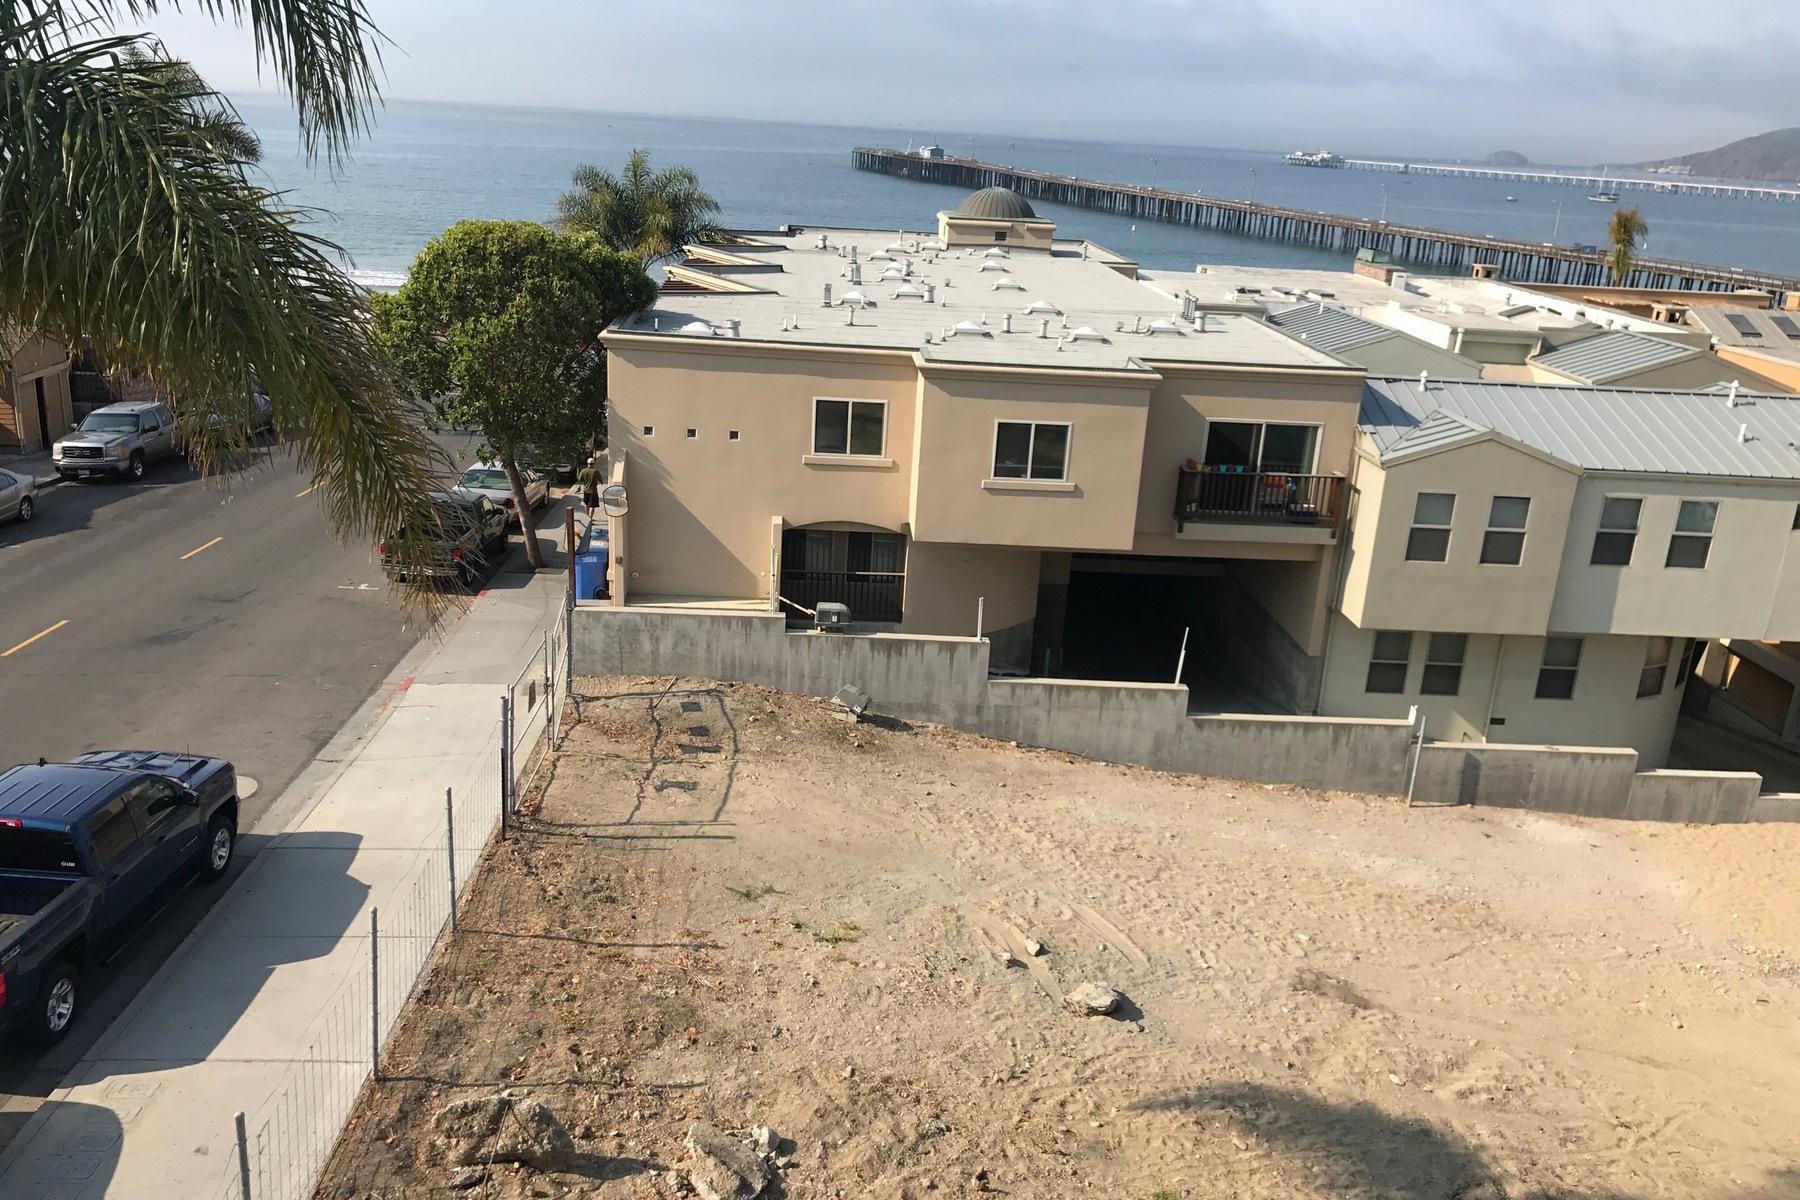 土地,用地 为 销售 在 Fantastic Development Opportunity 51 San Luis St. 阿维拉海滩, 加利福尼亚州 93424 美国